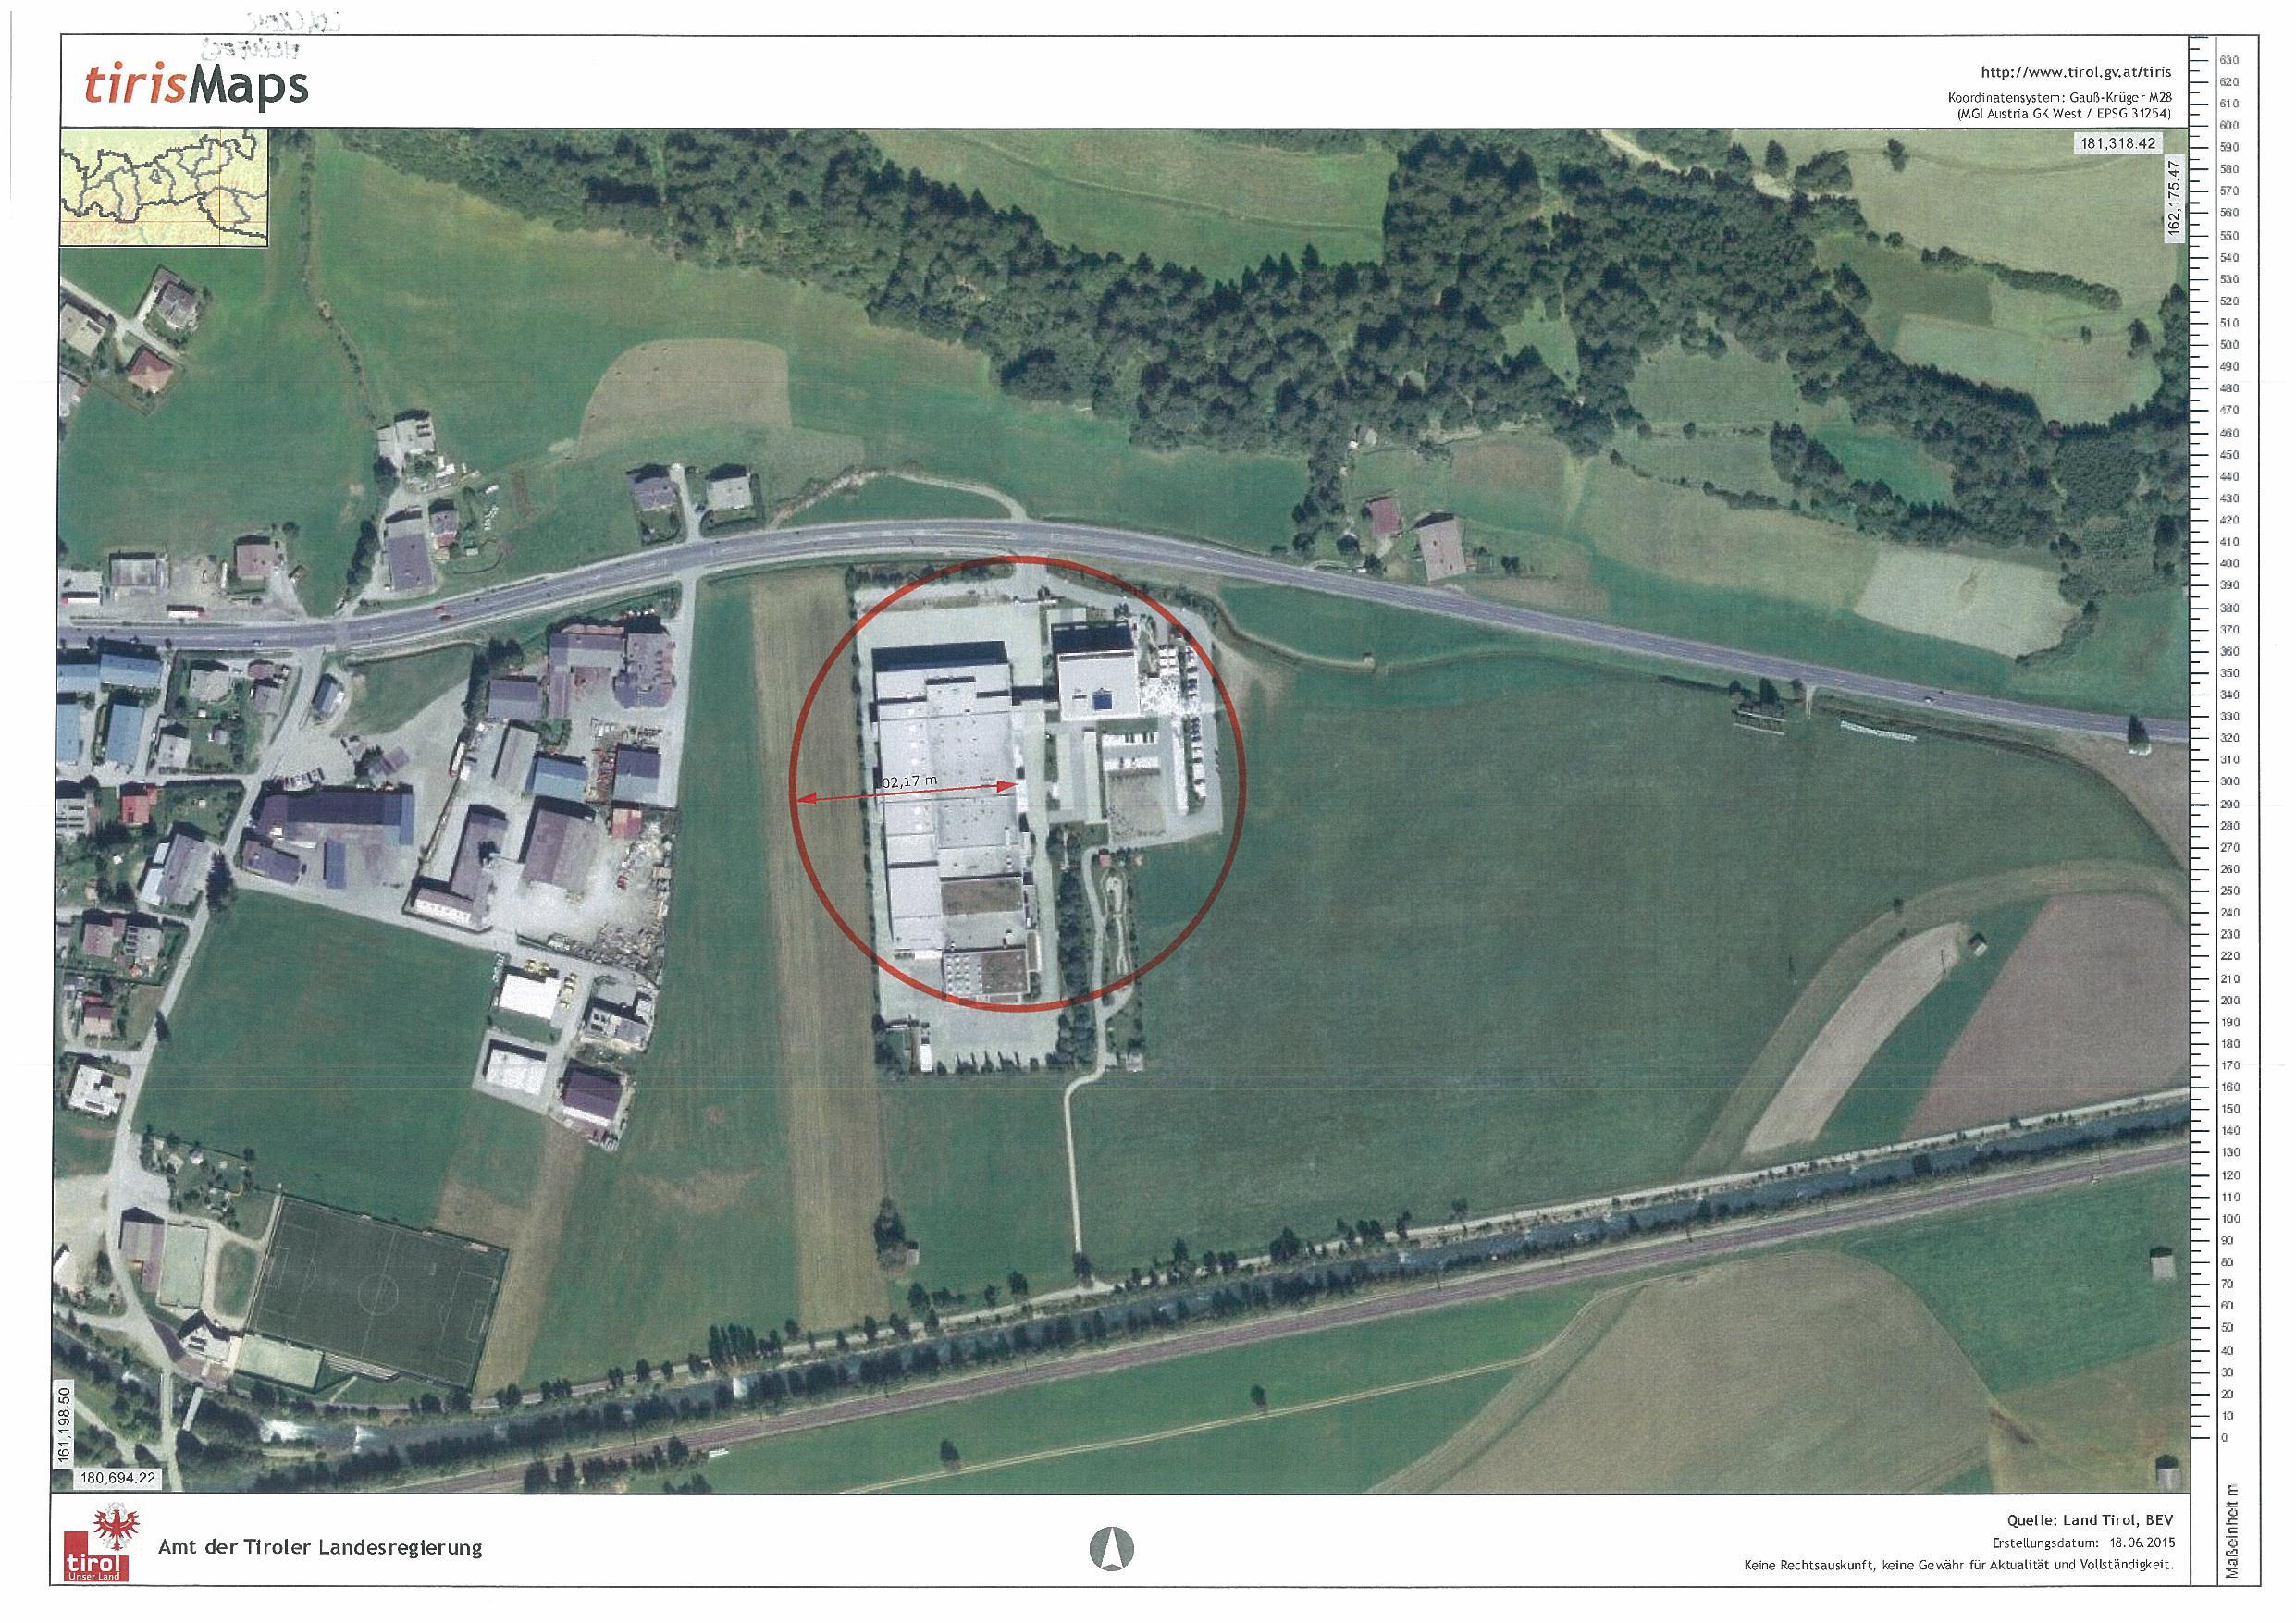 Gfährdungszone des Seveso-Betriebs Loacker in Heinfels